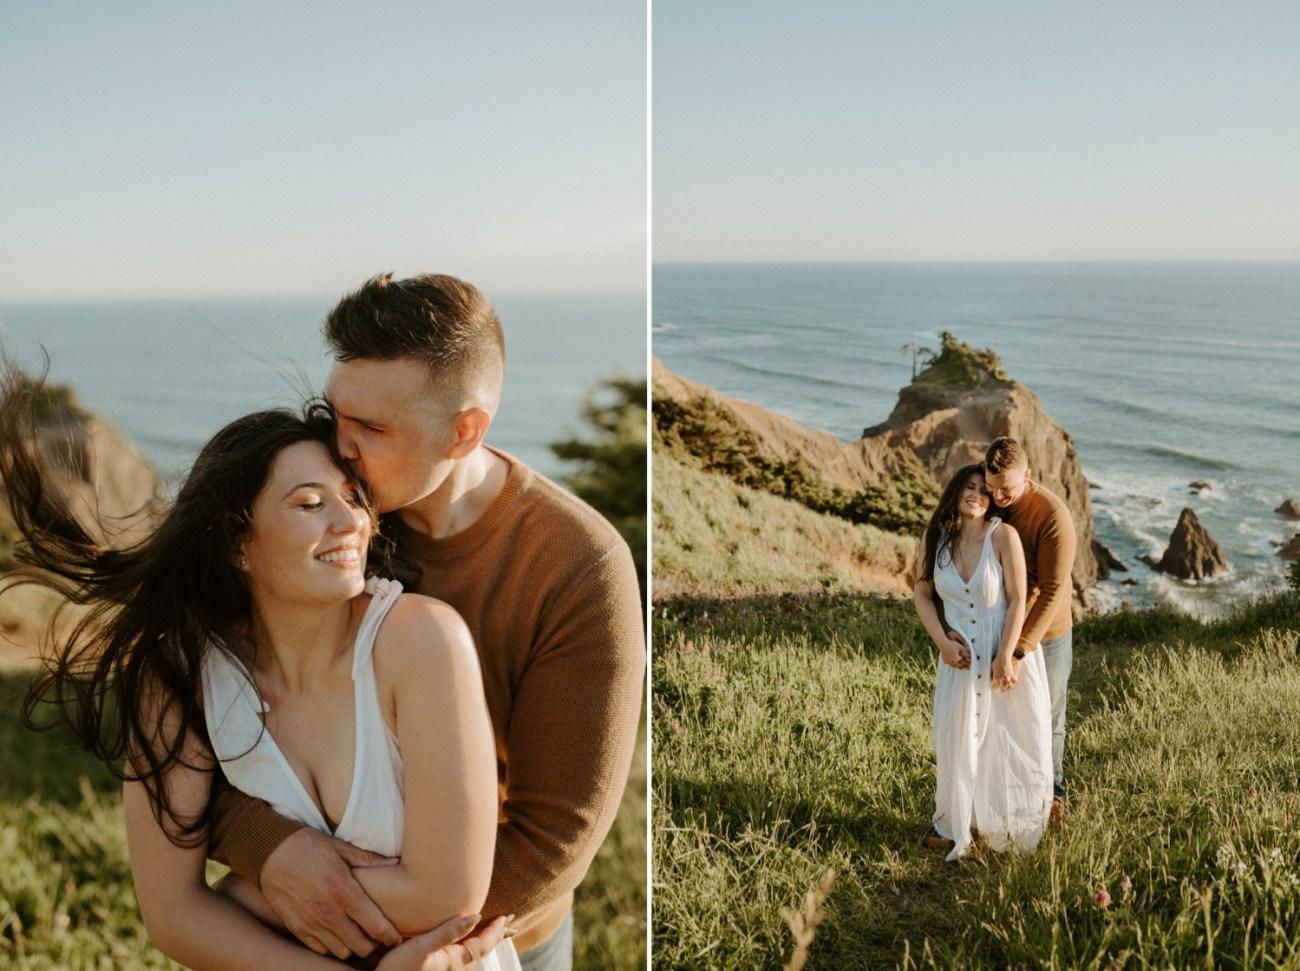 Oregon Coast Gods Thumb Engagement Session Bend Oregon Wedding Photographer Anais Possamai Photography 11